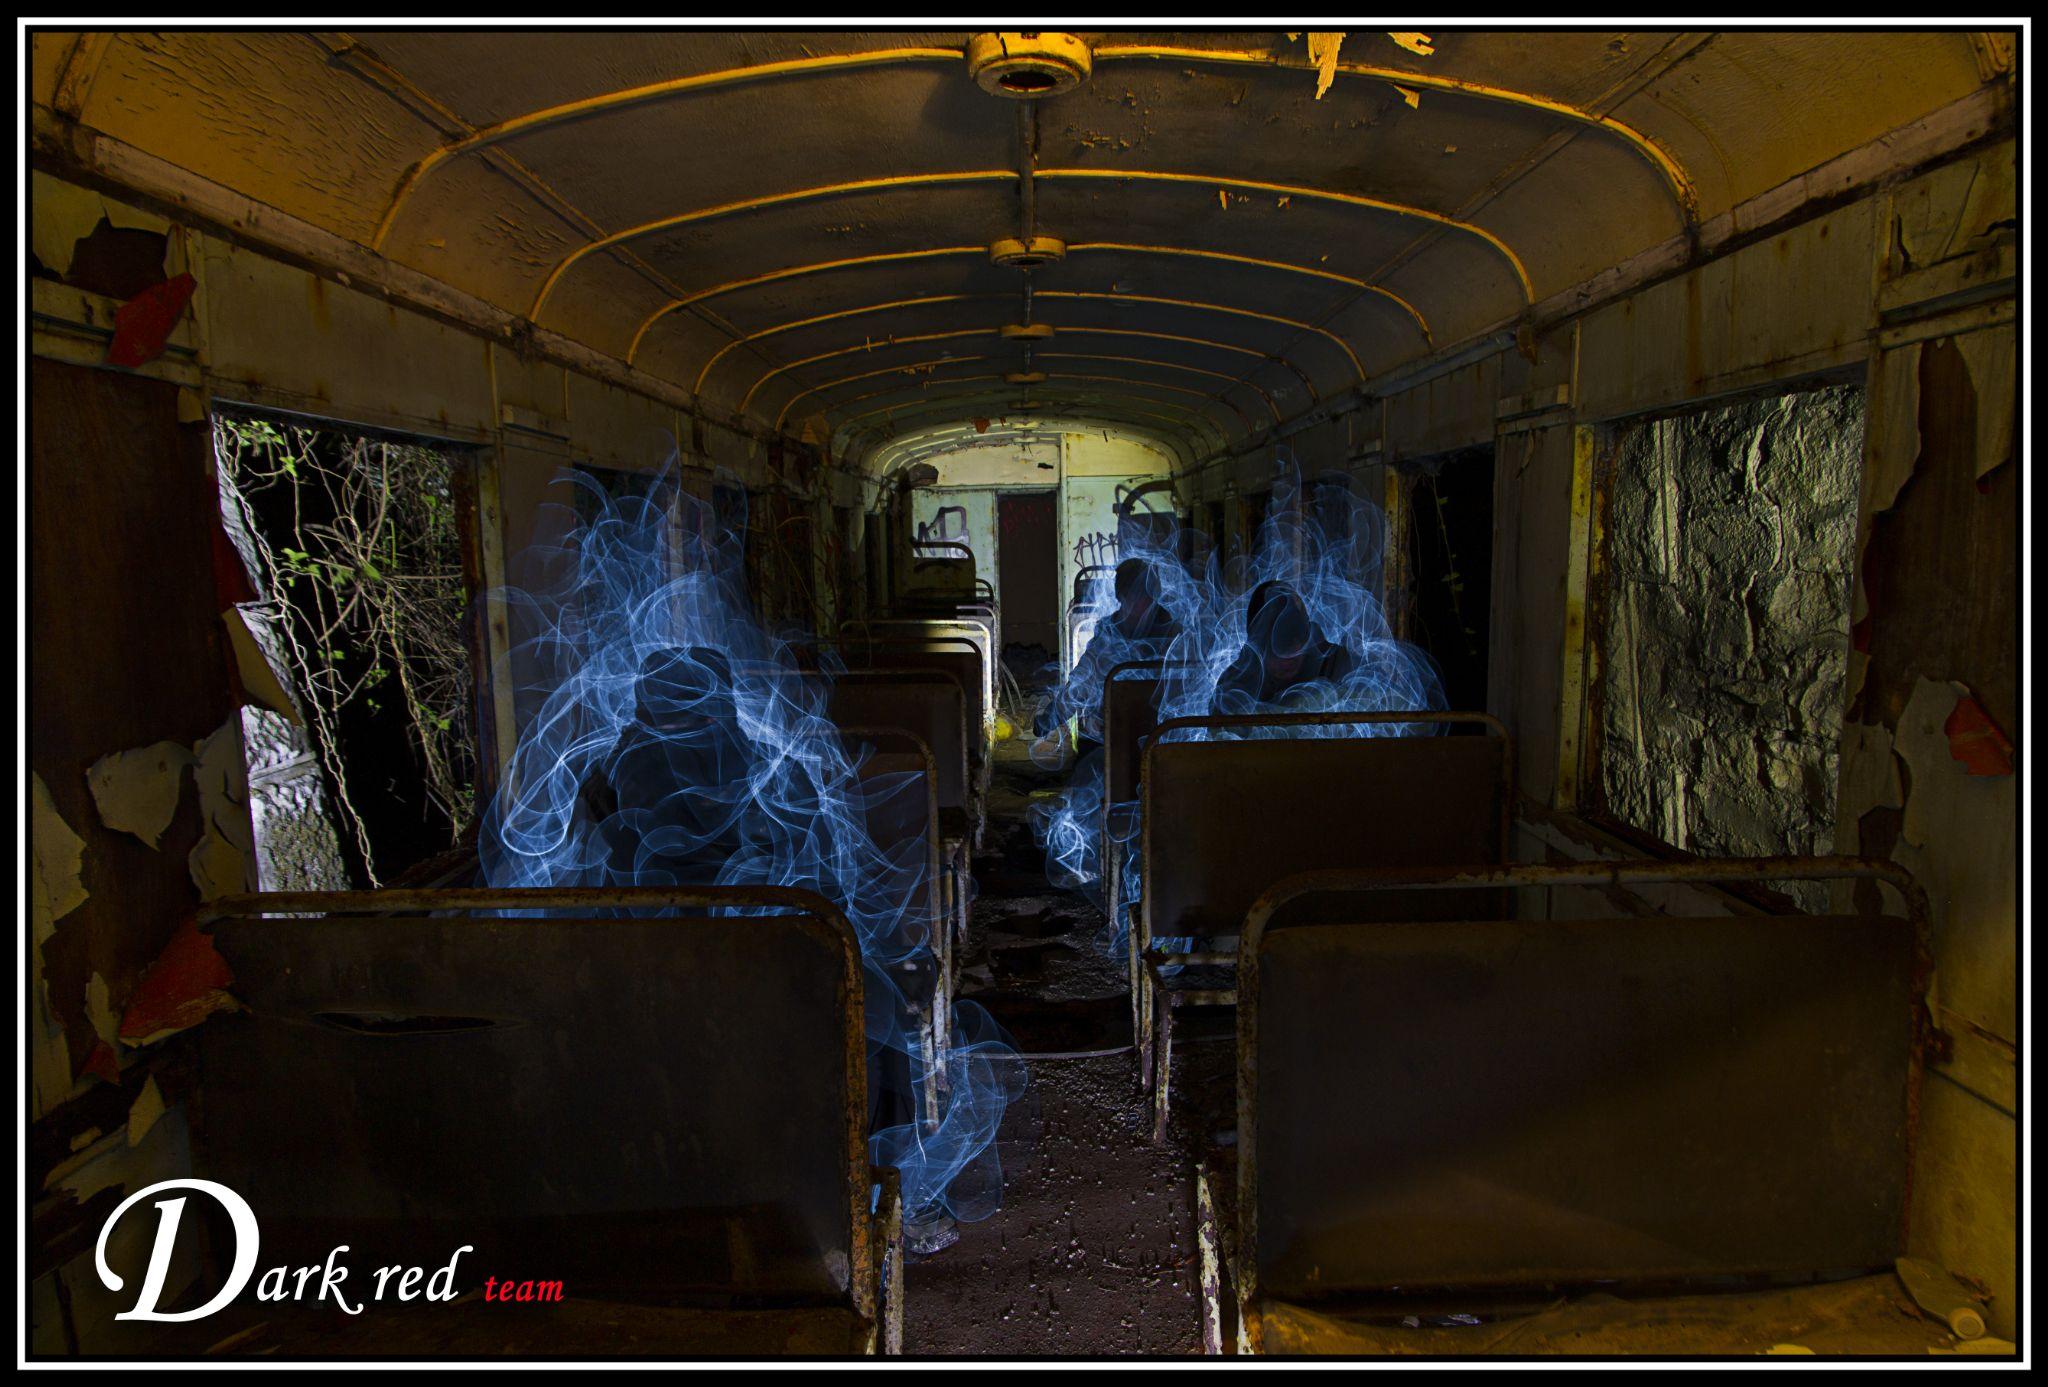 Ghost Train by DARKREDTEAM